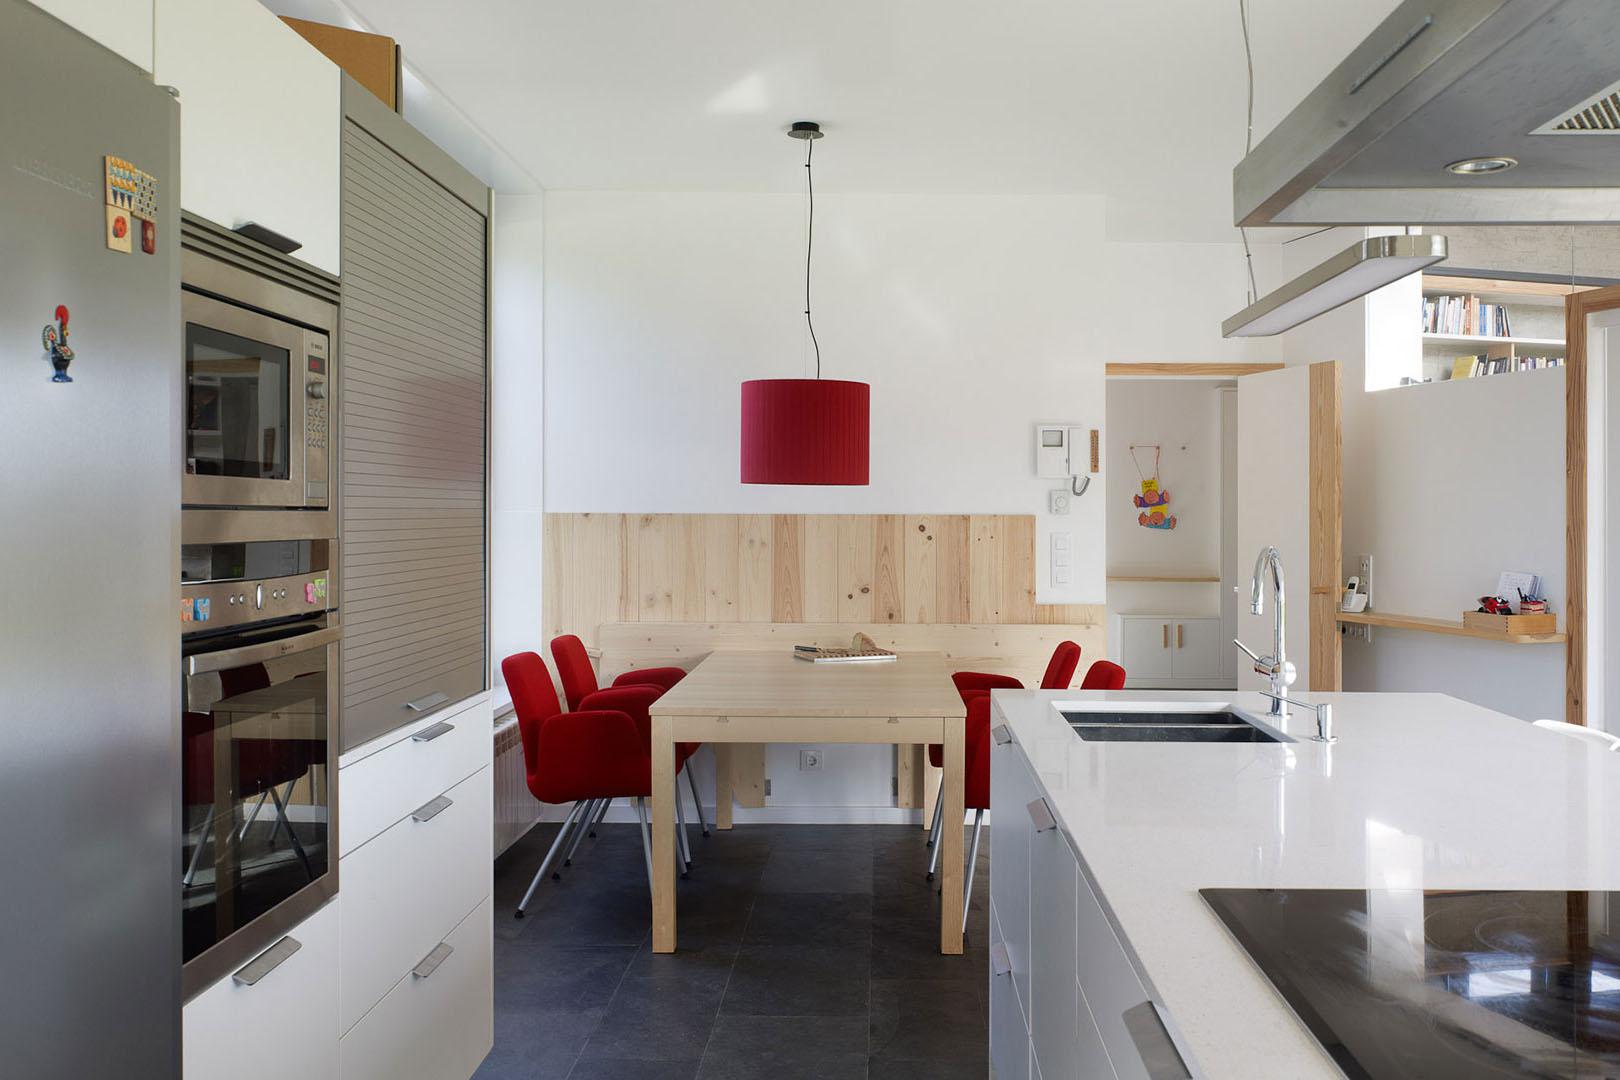 5 ideas para distribuir la cocina cocinas santos for Distribucion muebles cocina